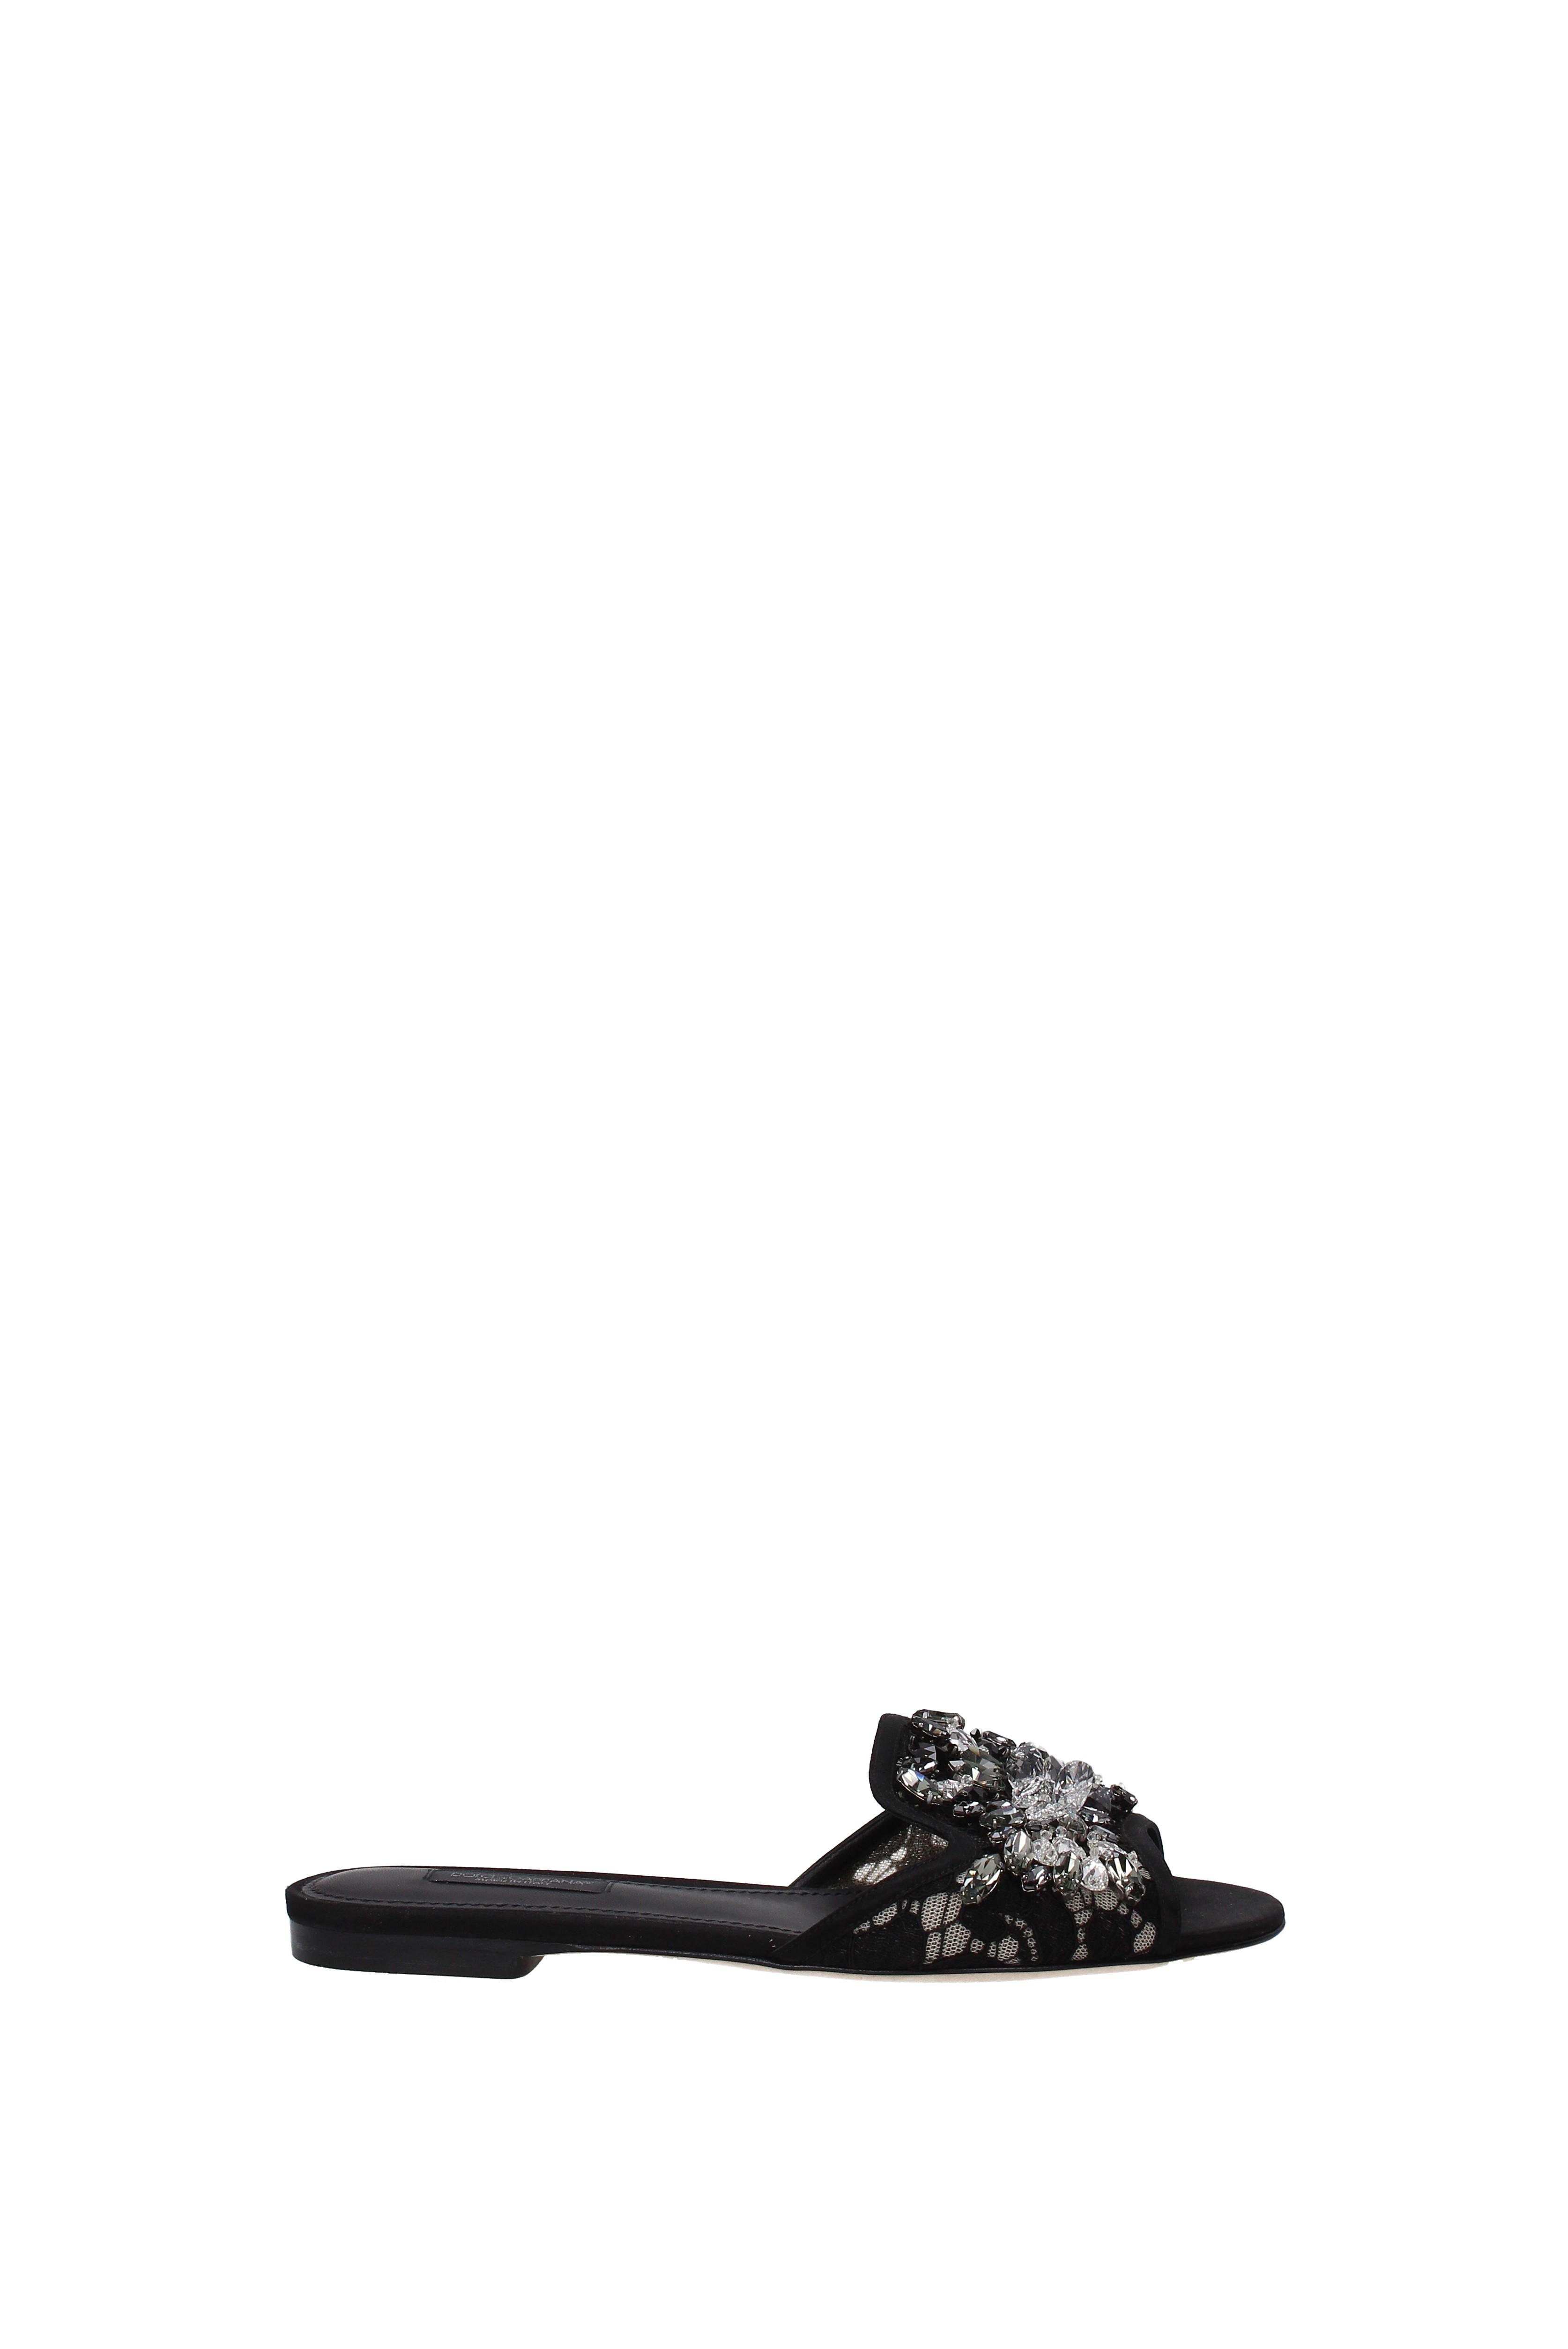 Flip-Flops und Stoff Holzschuhe Dolce&Gabbana Damen - Stoff und (CQ0022AL198) 7afbd6